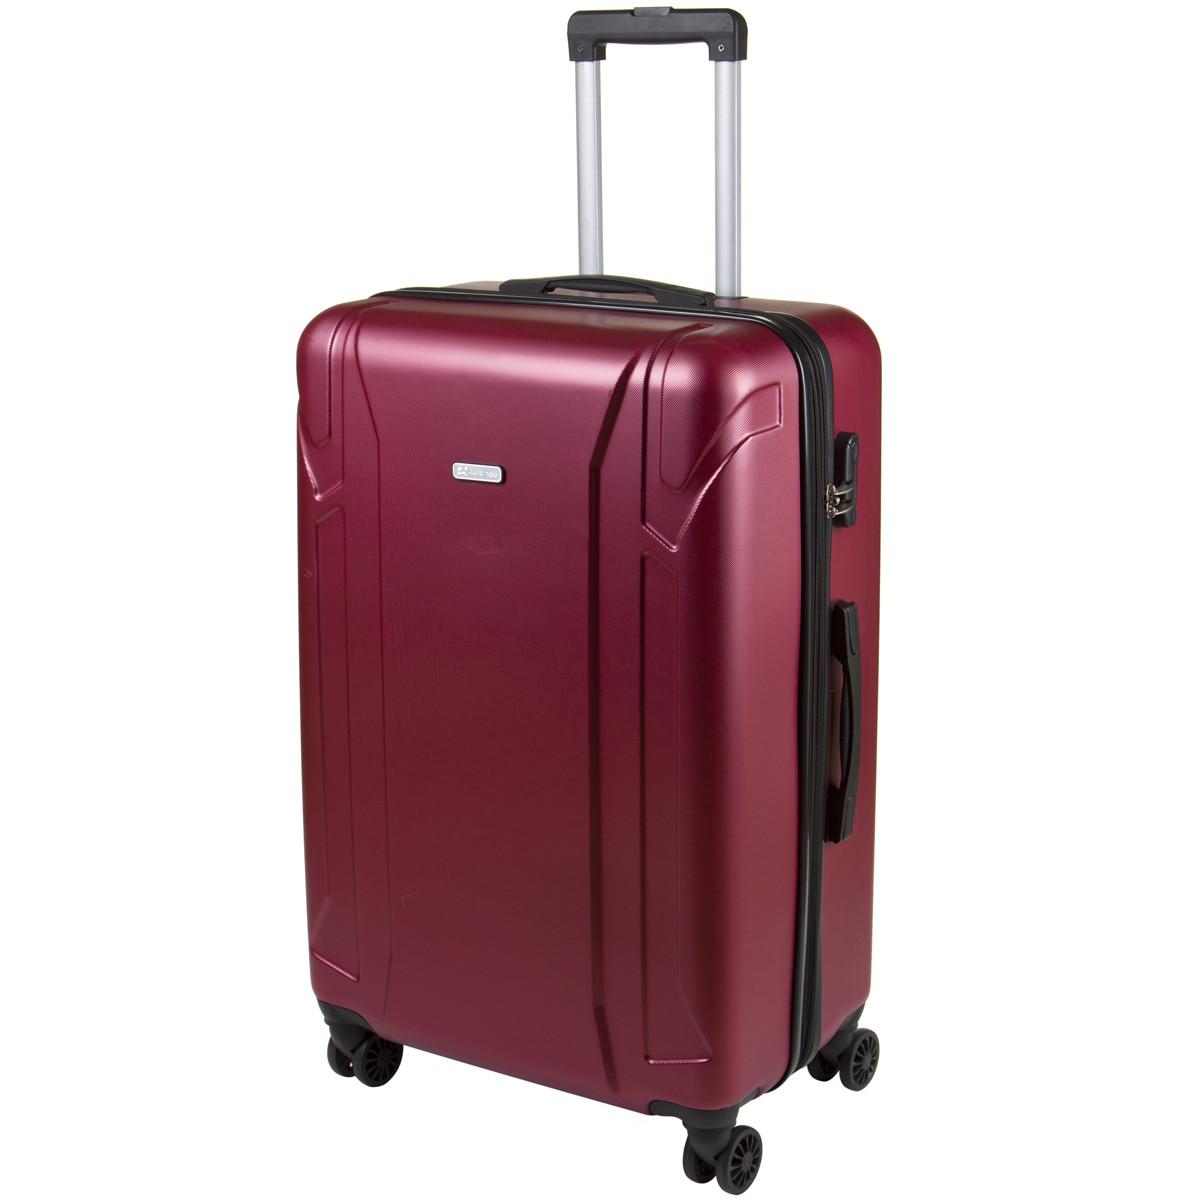 Чемодан OULANDO большой, бордовый, пластик ABS с расширением, 4 колеса 47х72х29(+3)  ксЛ722-28бор